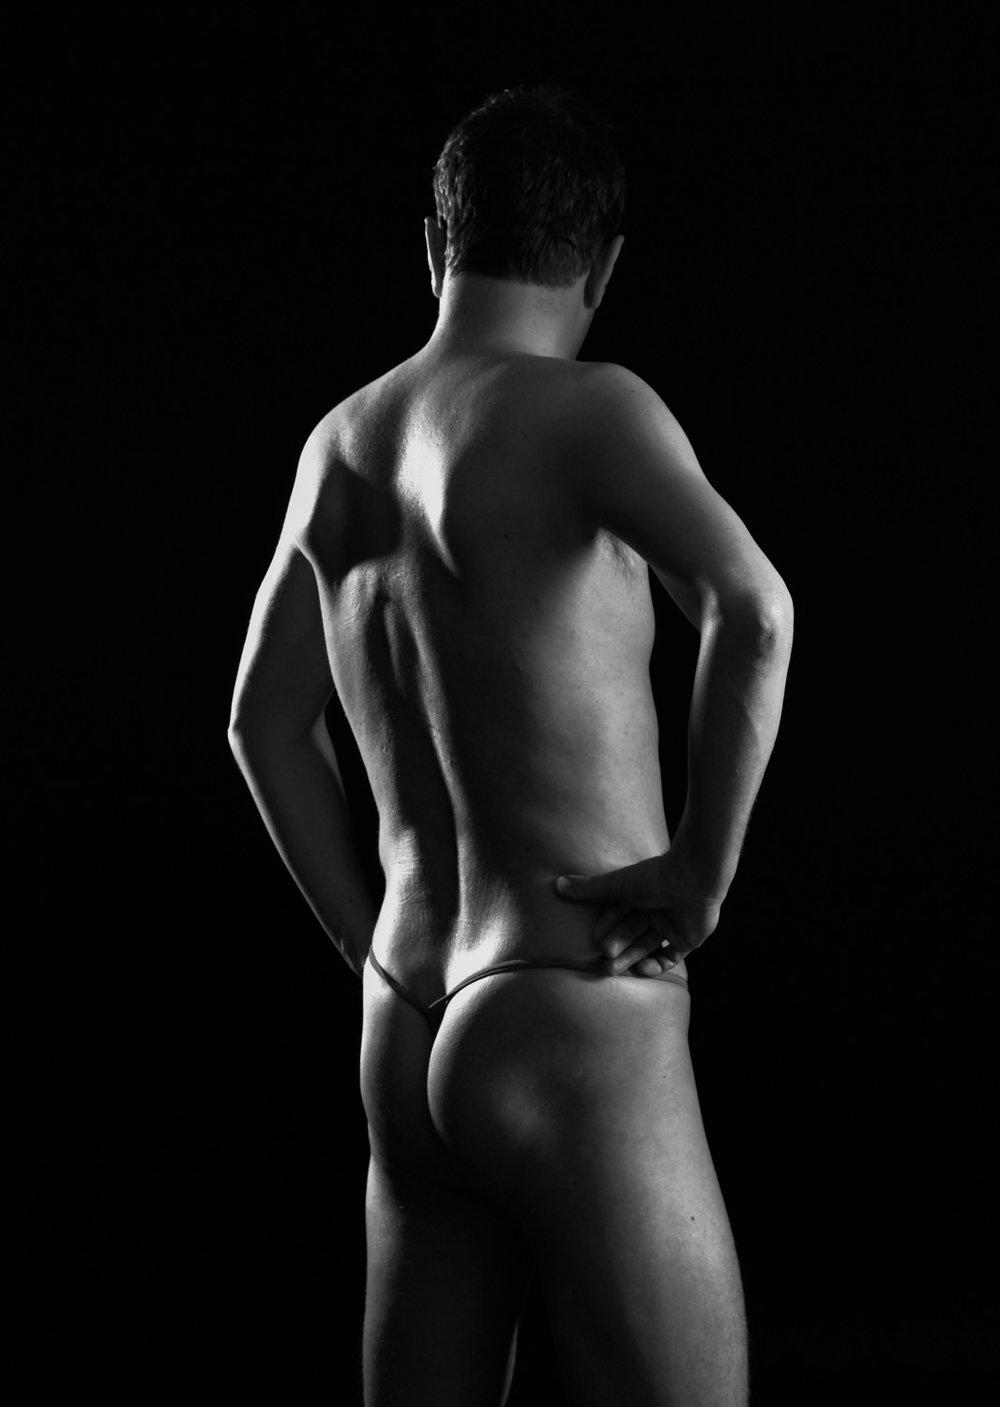 Smartfocus-naakt-en-erotische-fotografie-man-billen-onherkenbaar.jpg